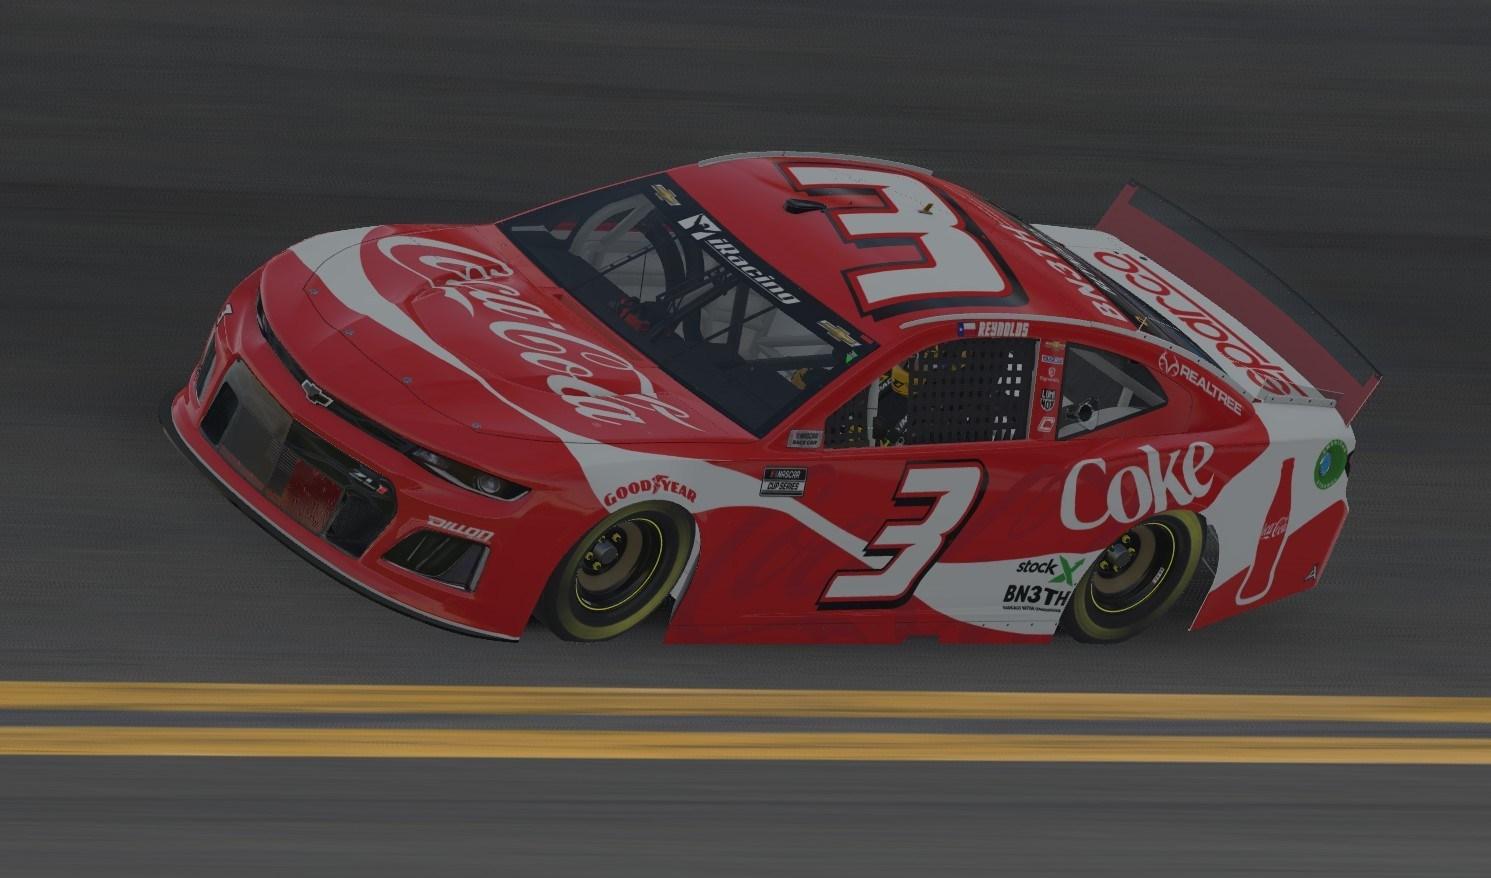 final-coke-scheme-13